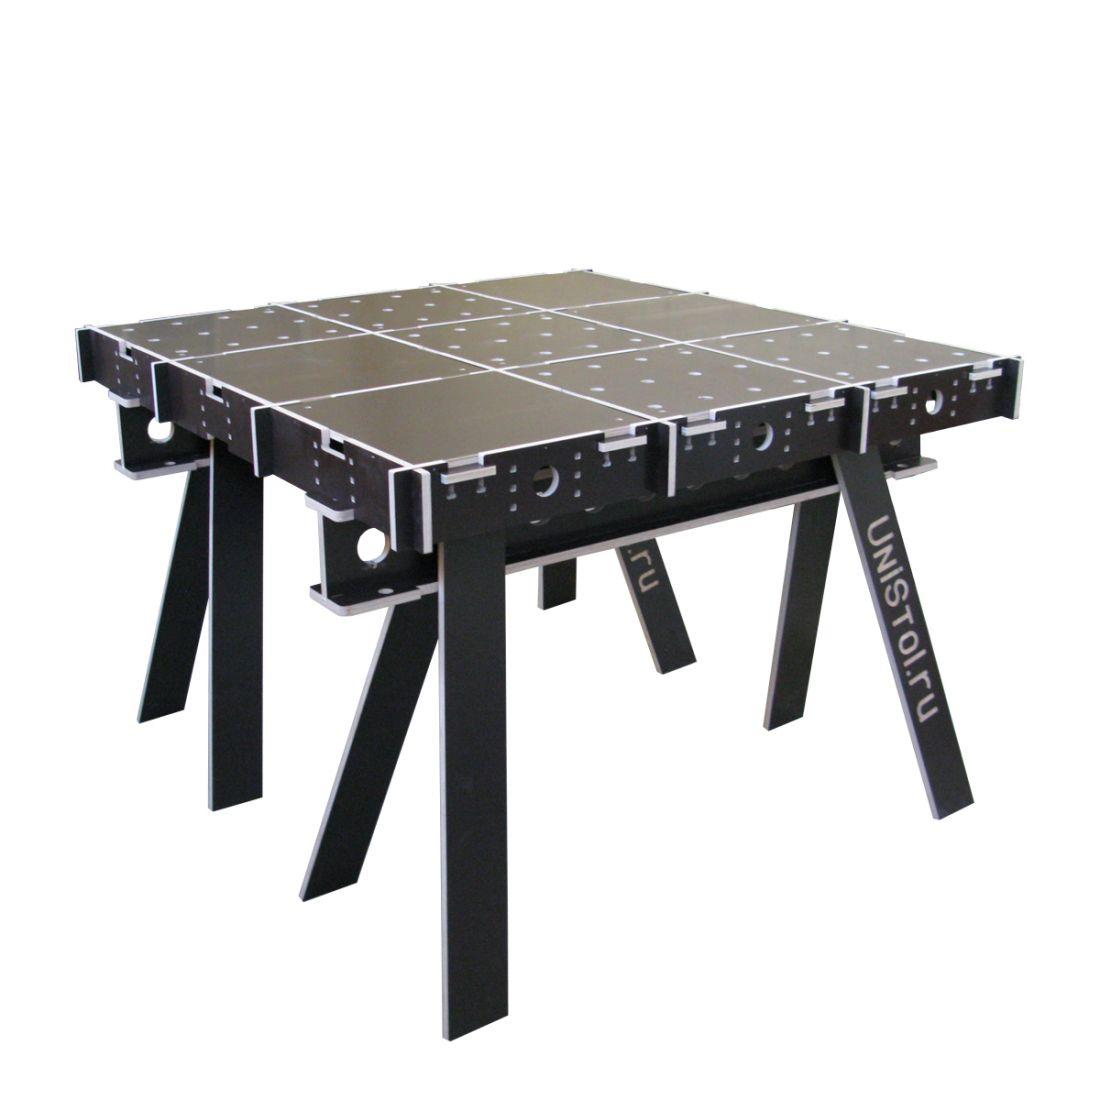 Ячеистый стол для раскроя листовых материалов 1200x1200 мм со столешницой